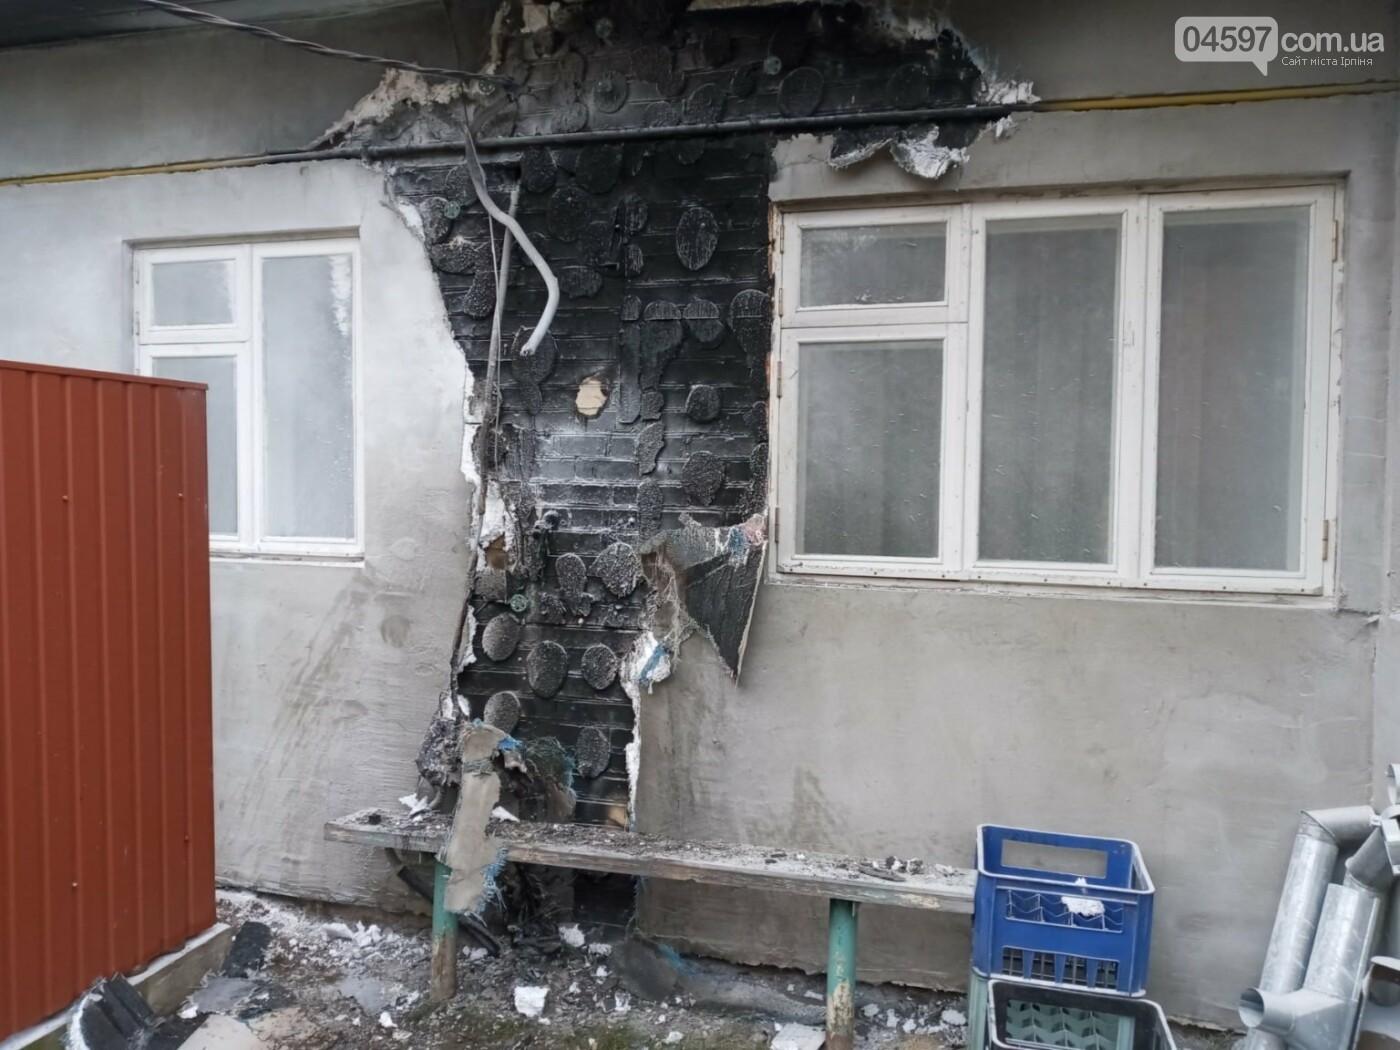 В Бучі вибухнув електролічильник